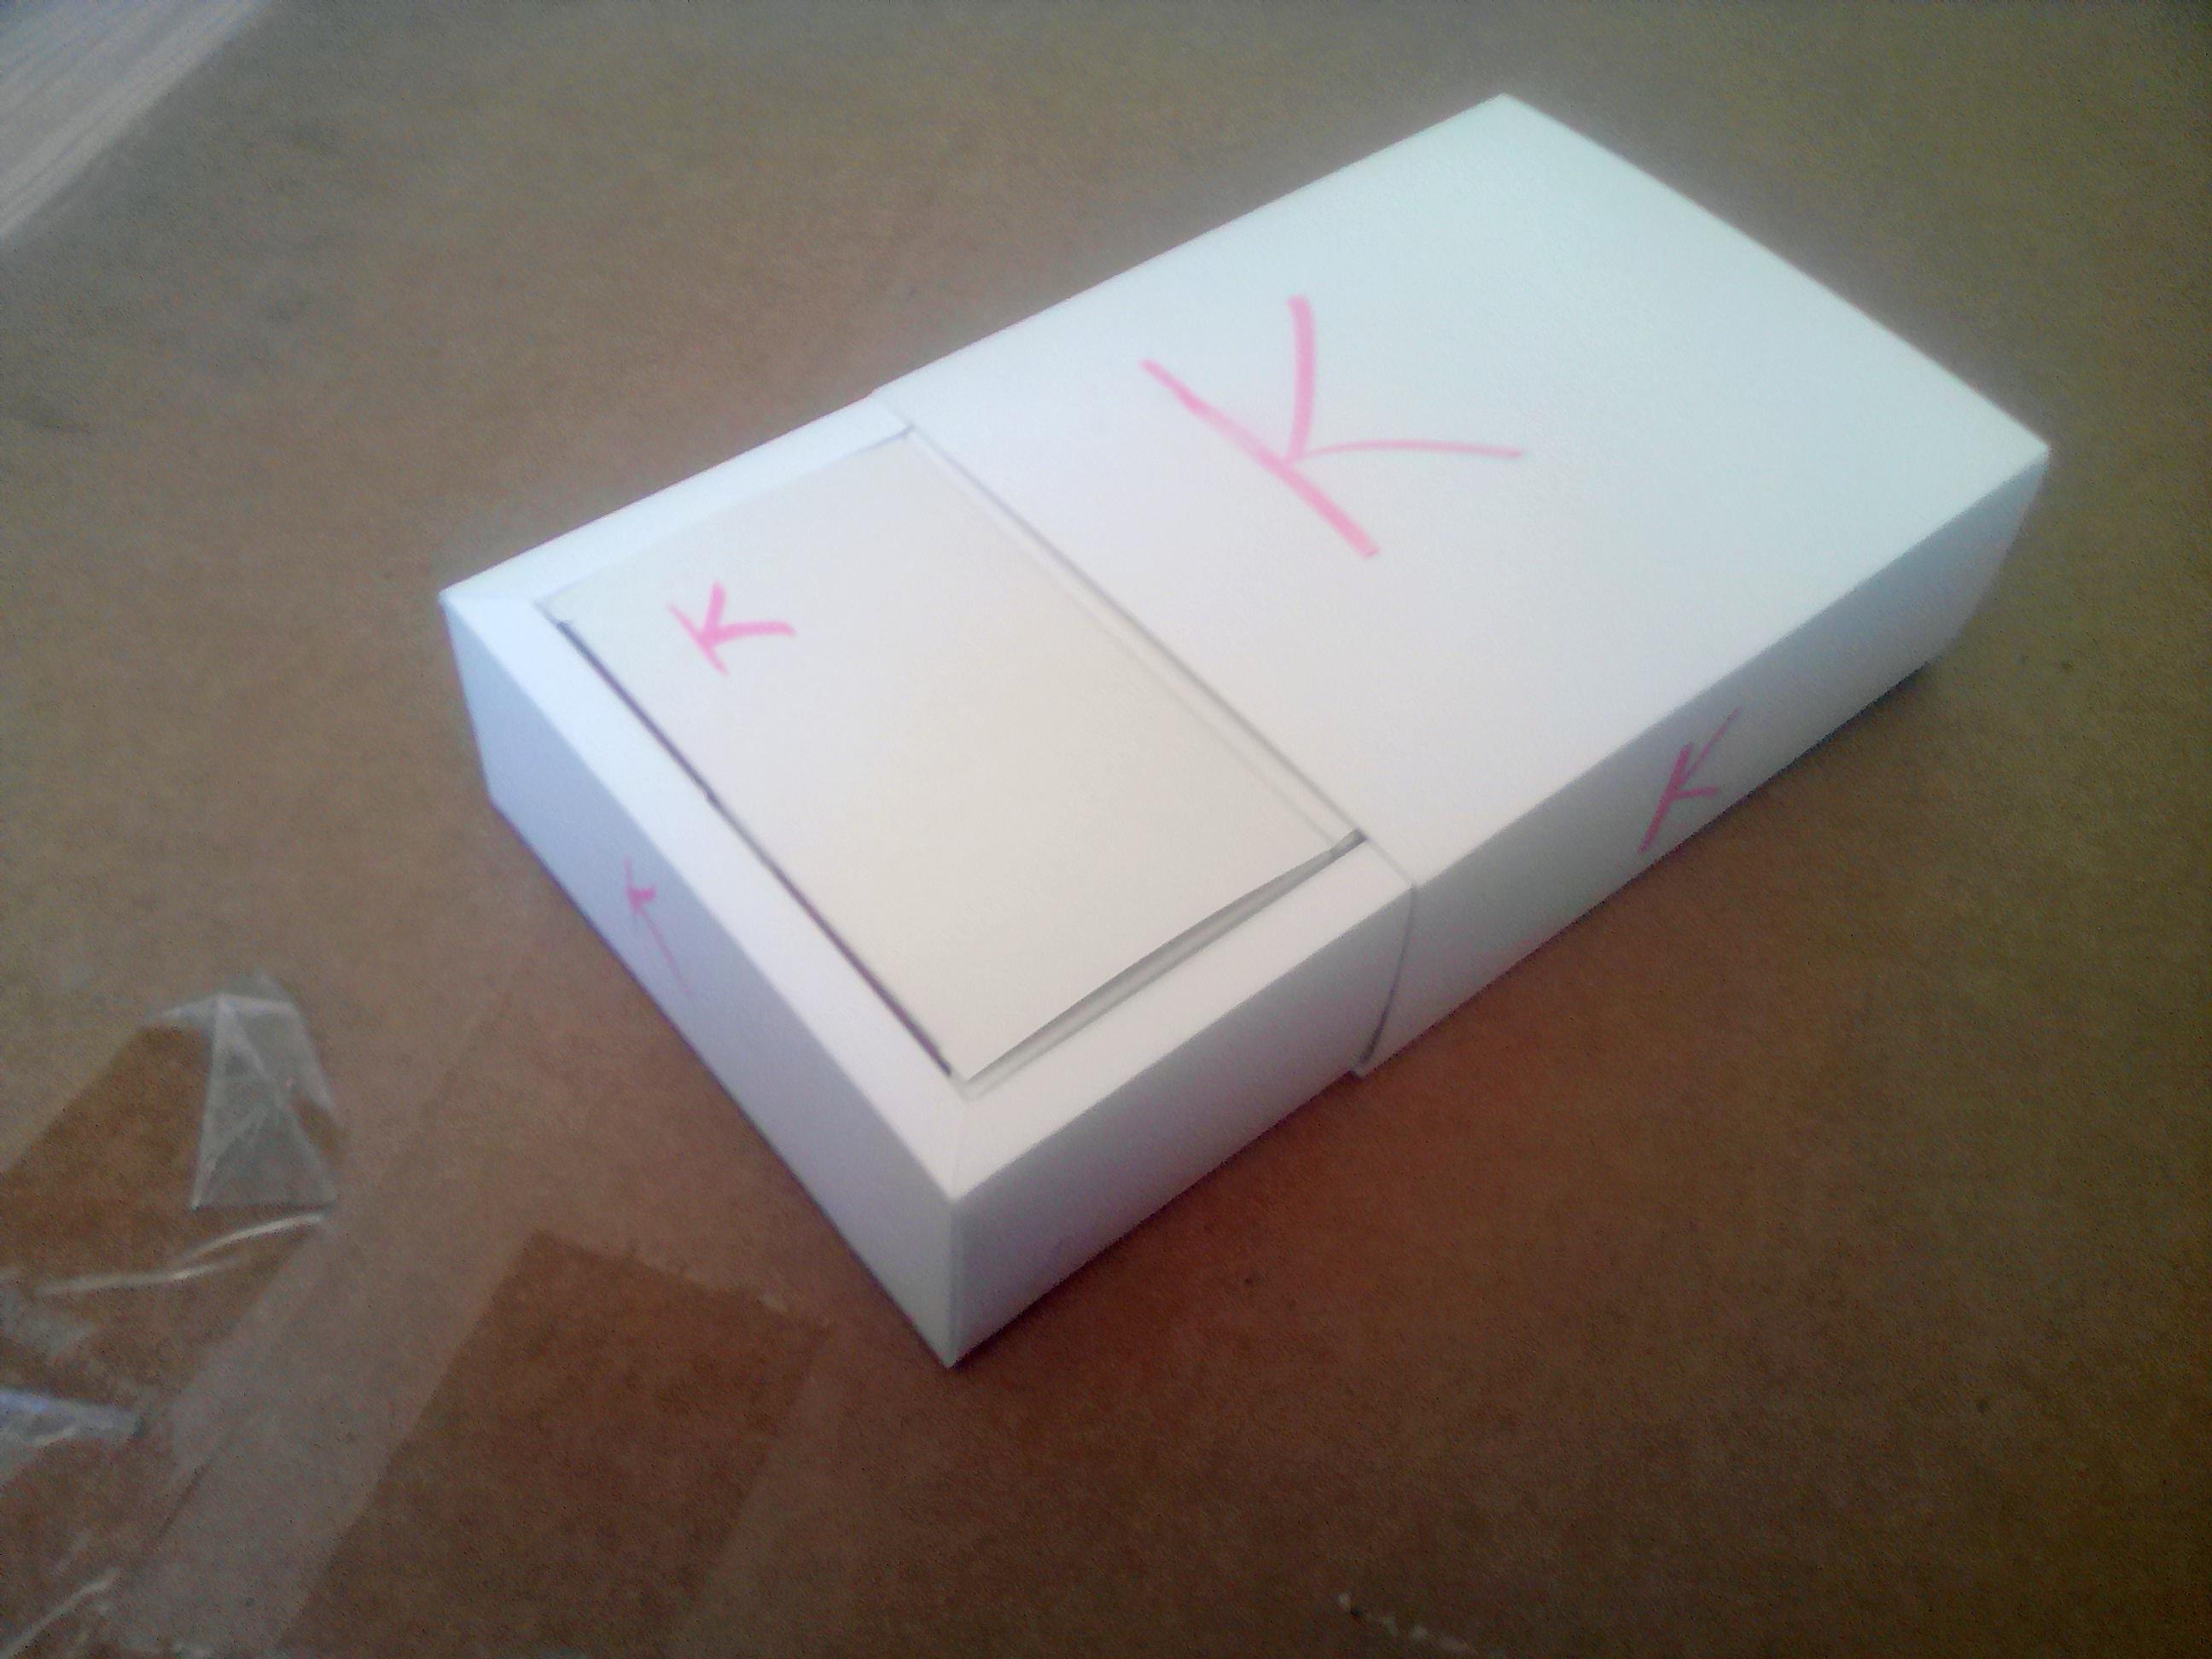 Дизайн коробки сувенирной  чай+парварда (подарочный набор) фото f_7995a5592da094a2.jpg